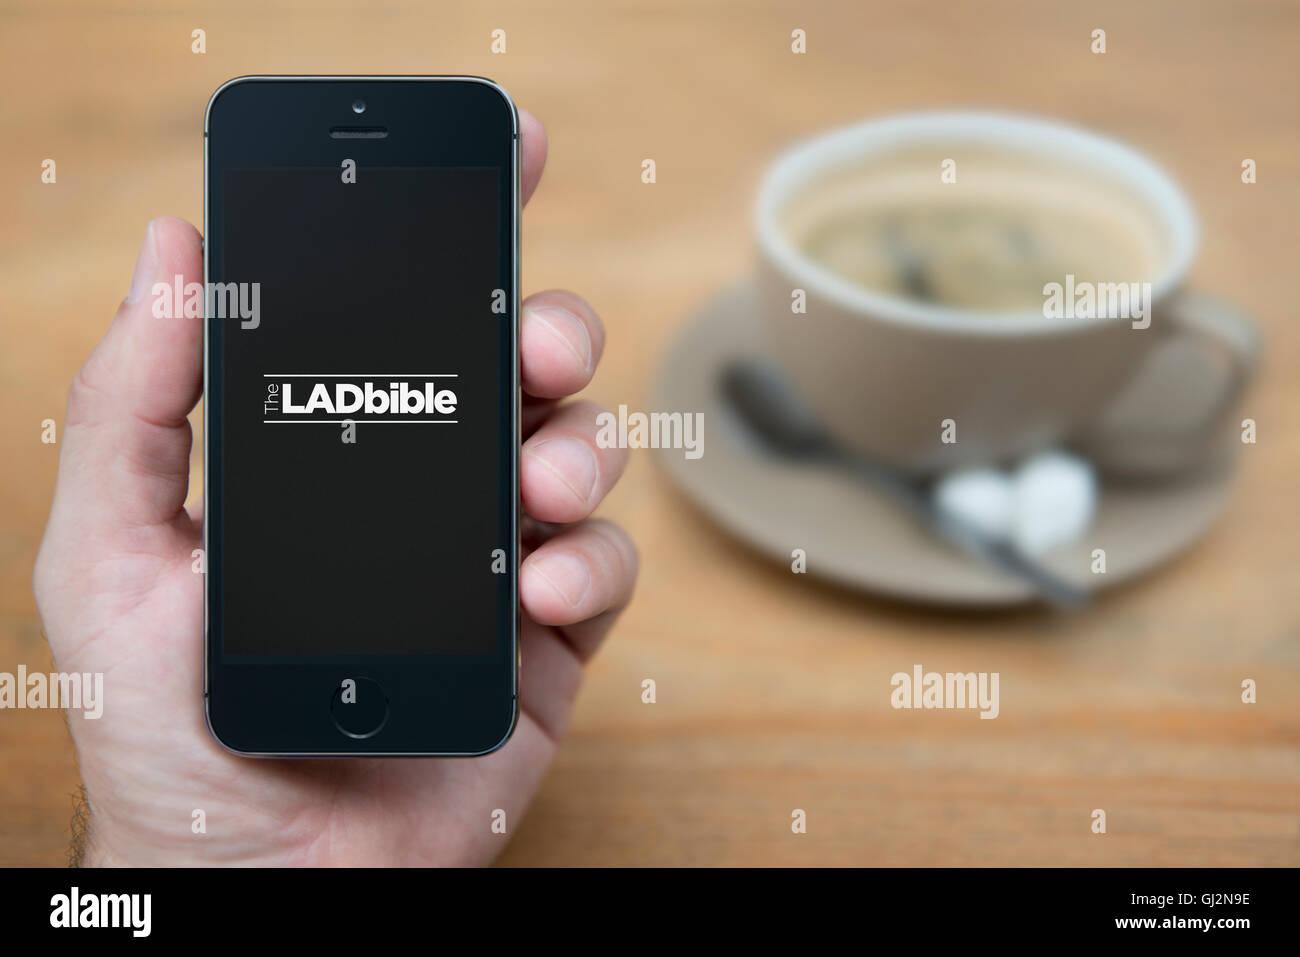 Un hombre mira el iPhone que muestra el logotipo de Biblia Lad, mientras se sentó con una taza de café Imagen De Stock